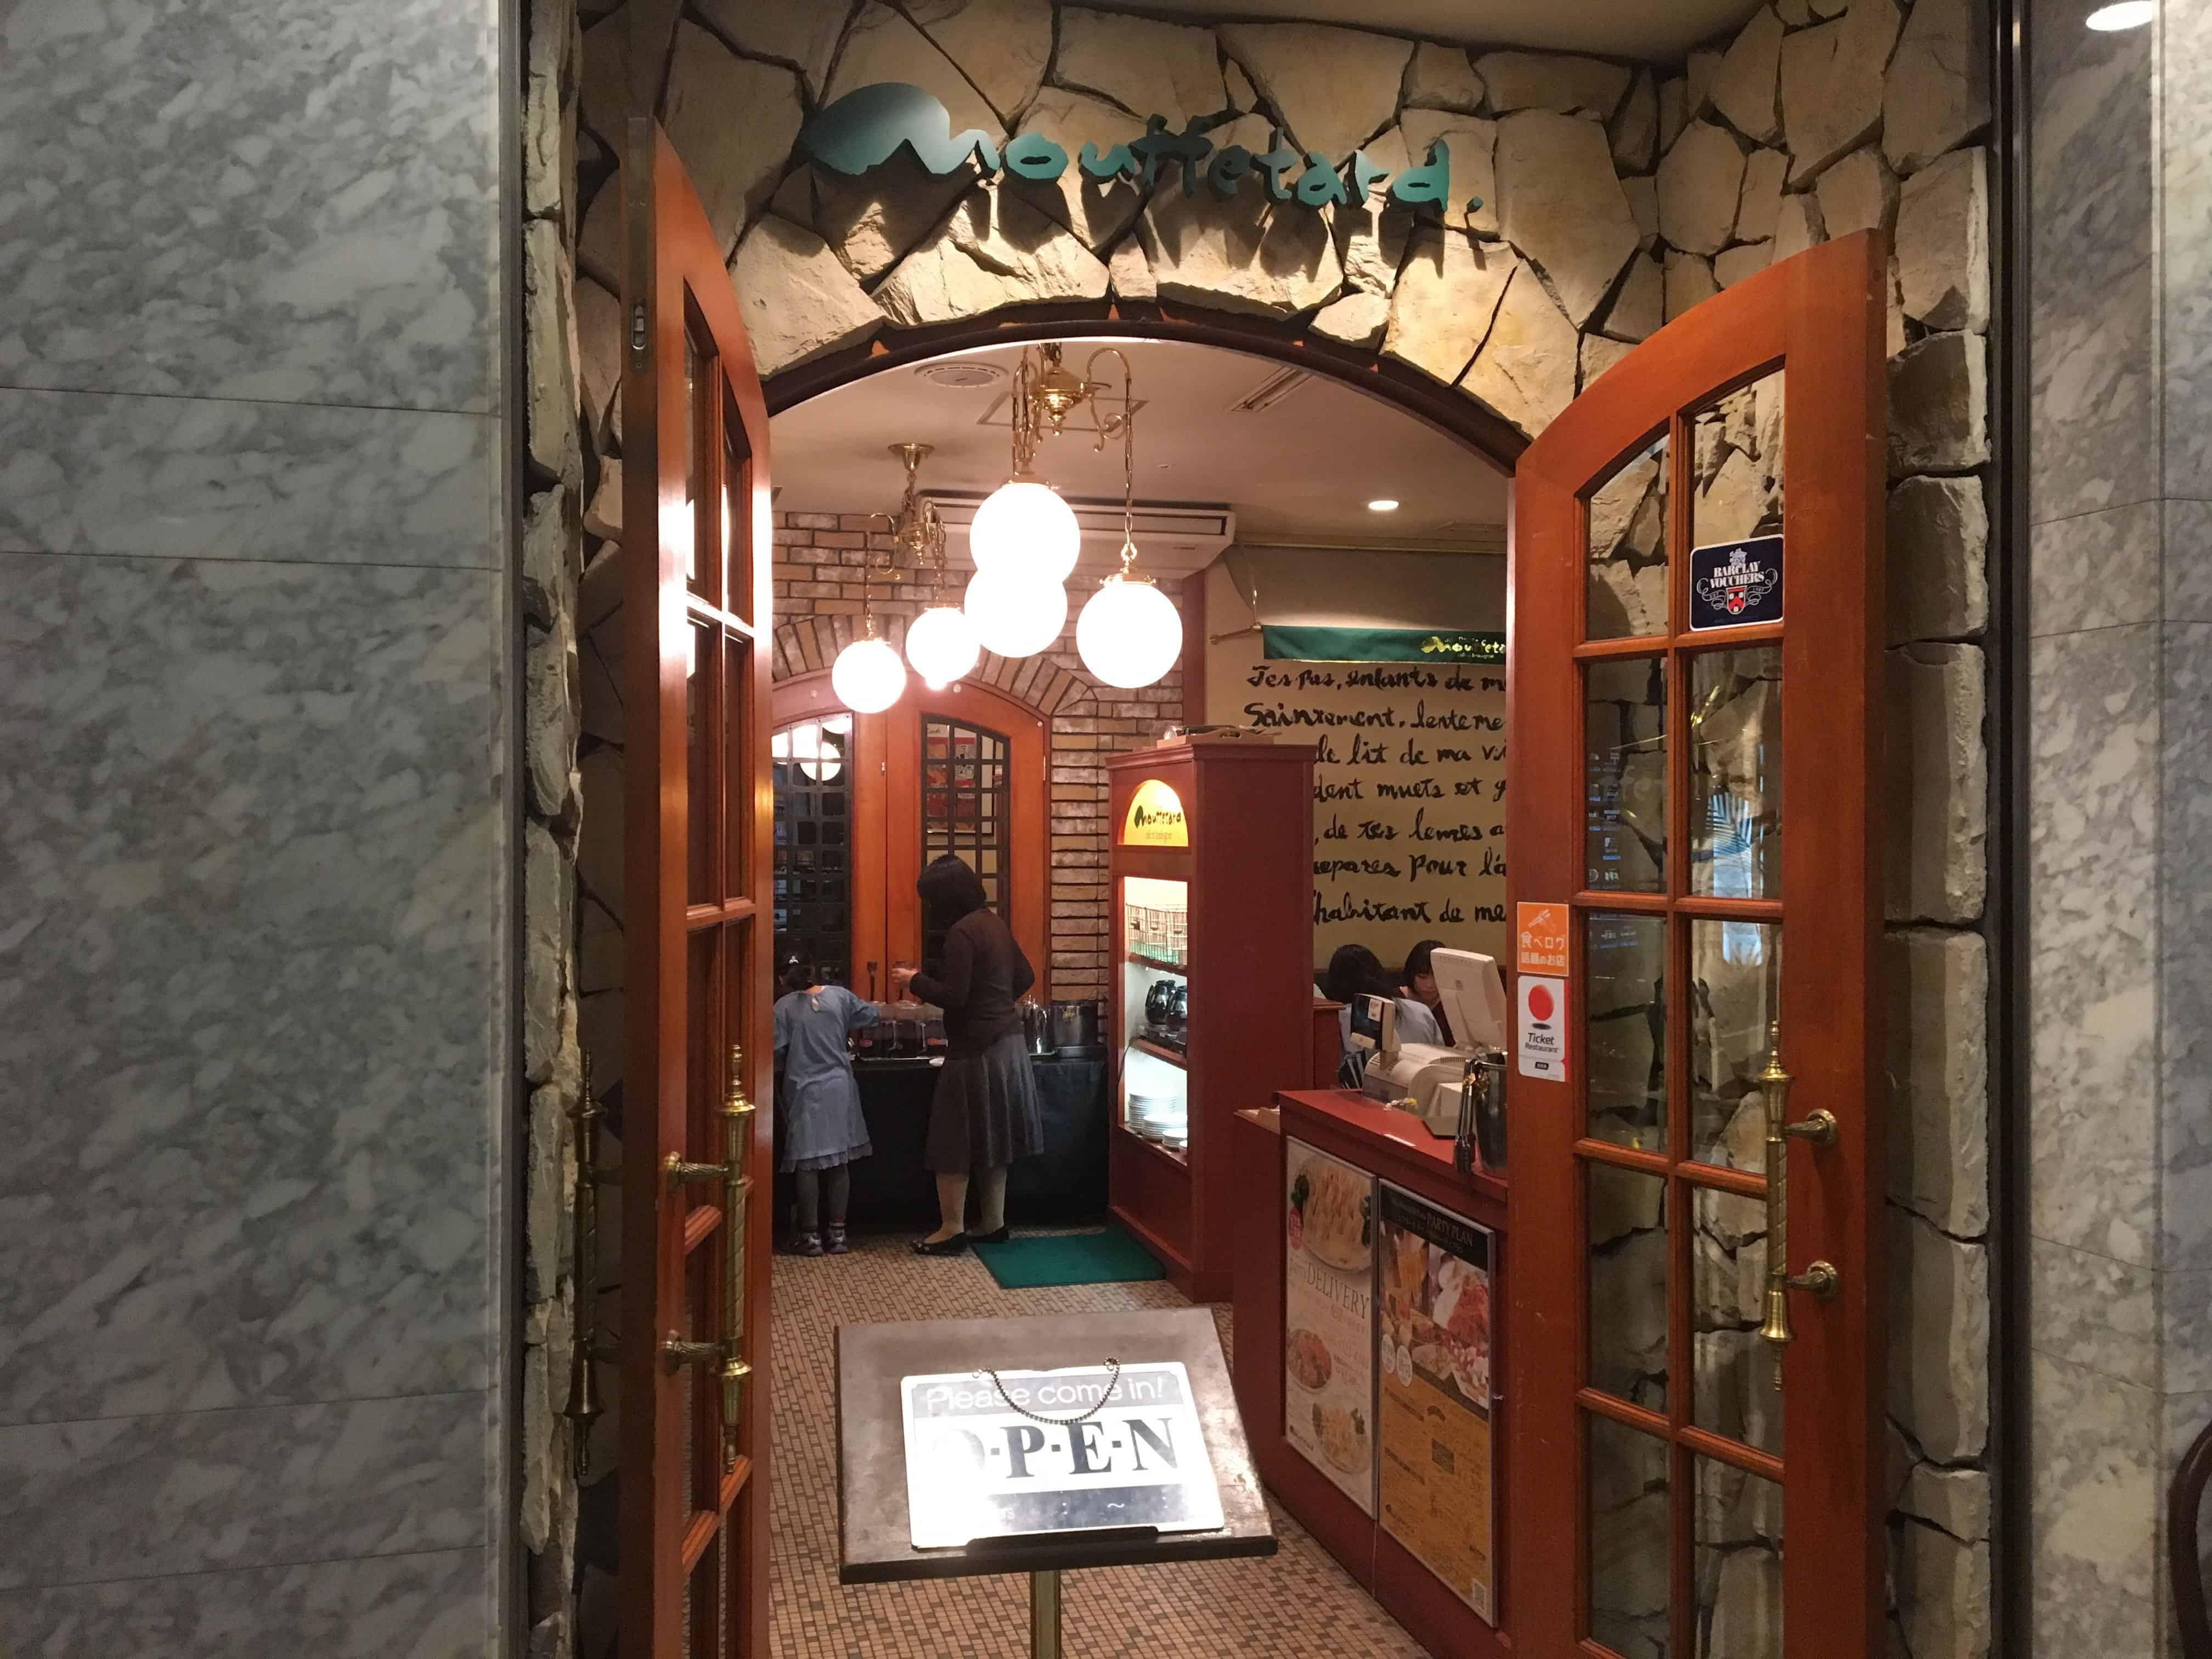 ร้านบุฟเฟ่ต์จากย่าน ชินจูกุ (Shinjuku) - Mouffetard de Paris (ムフタール ドゥ パリ)